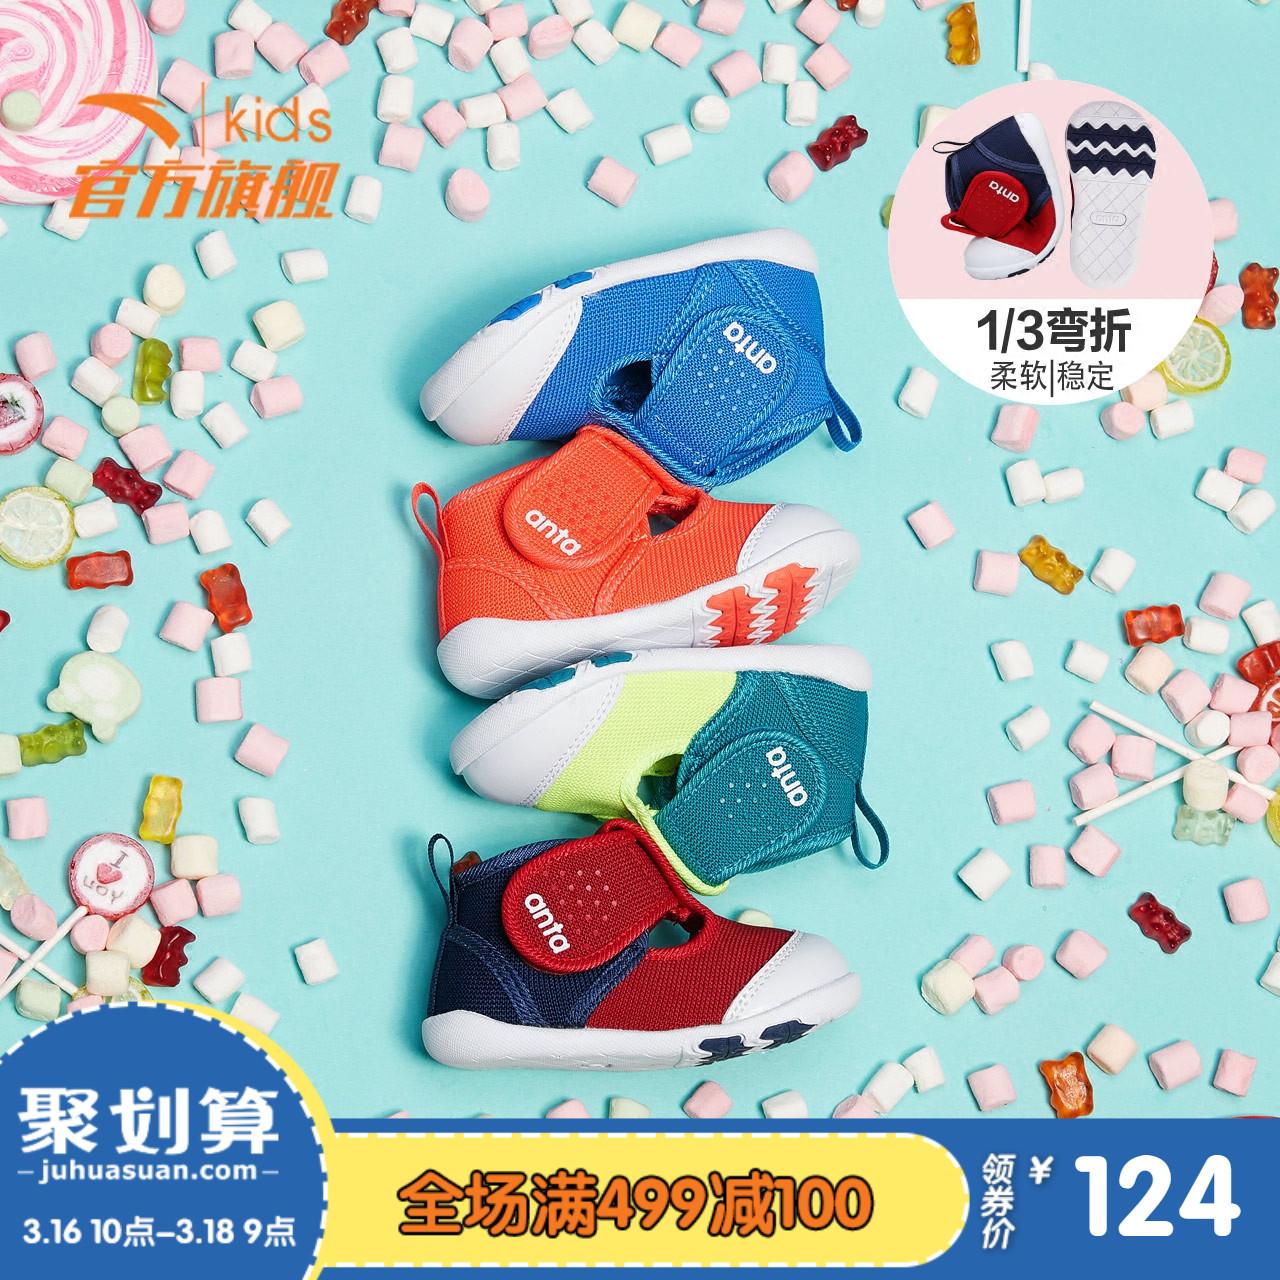 Тихо наступать обувь ребенок малыш обувь мальчиков и девочек, ребенок обувь младенец дети ребенок мягкое дно машинально может обувной 0-3-5 лет